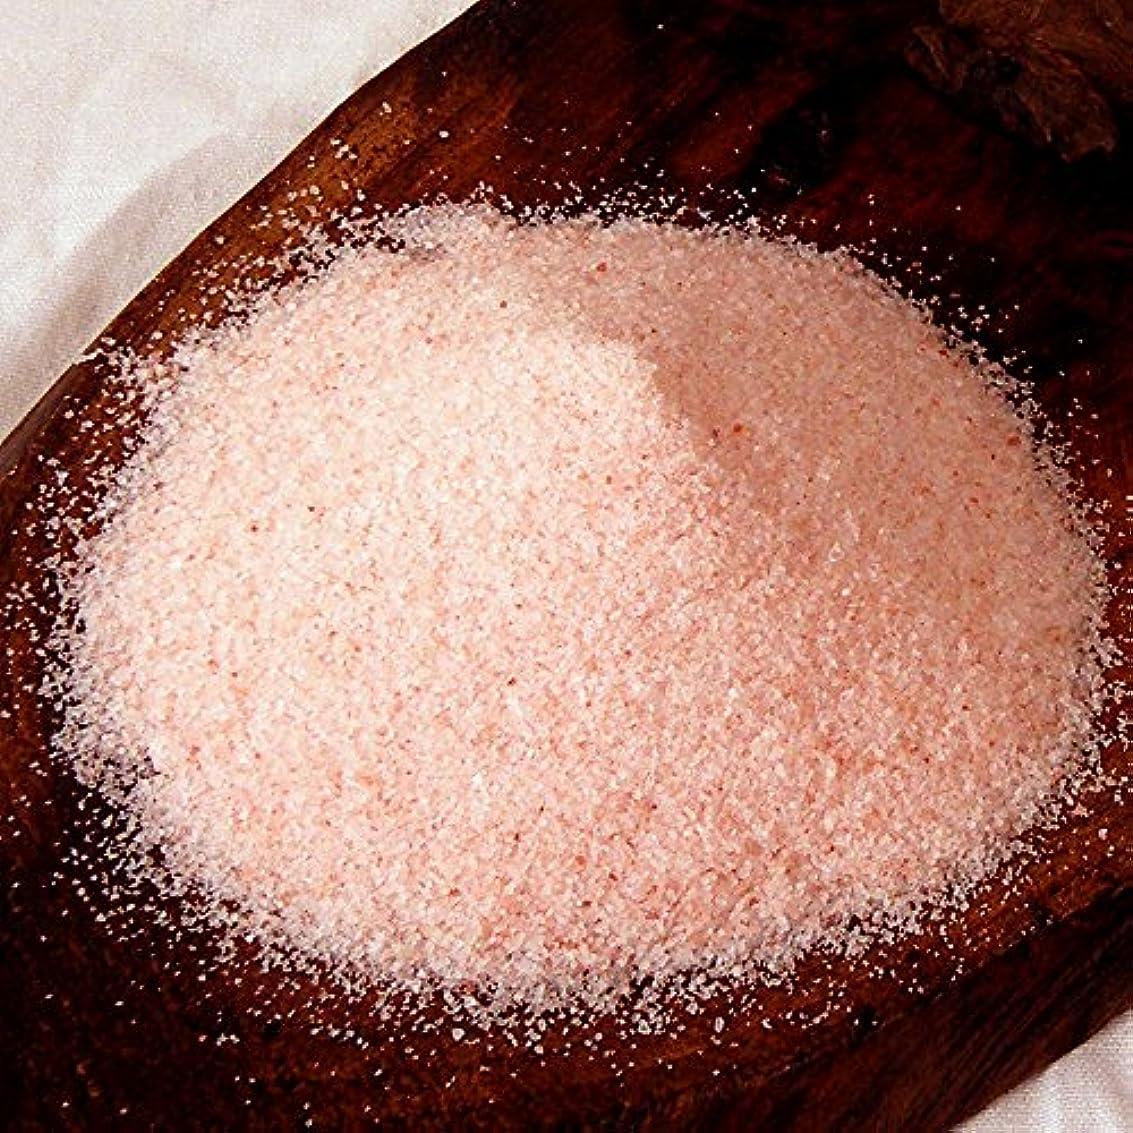 なすビジネス価値ヒマラヤ岩塩 バスソルト ローズソルト 溶けやすい細粒タイプ お試し1kg (ソルト内容量970g)